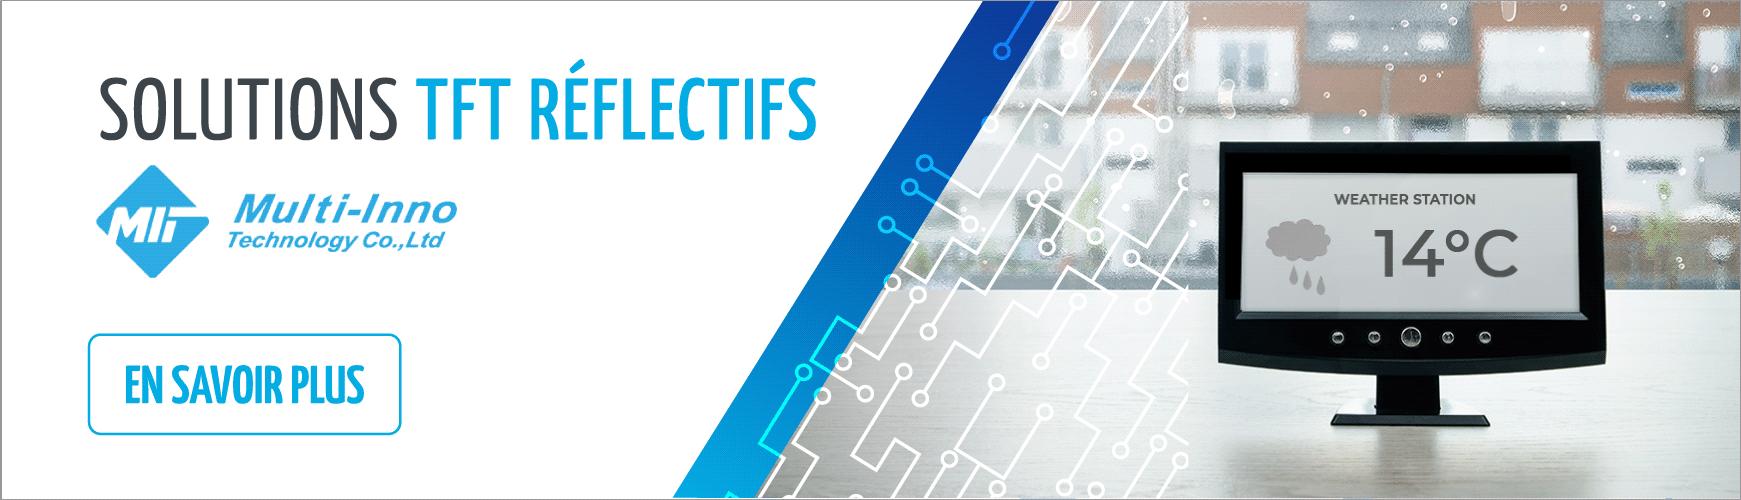 Solution d'écrans TFT réflectifs | Multi-Inno